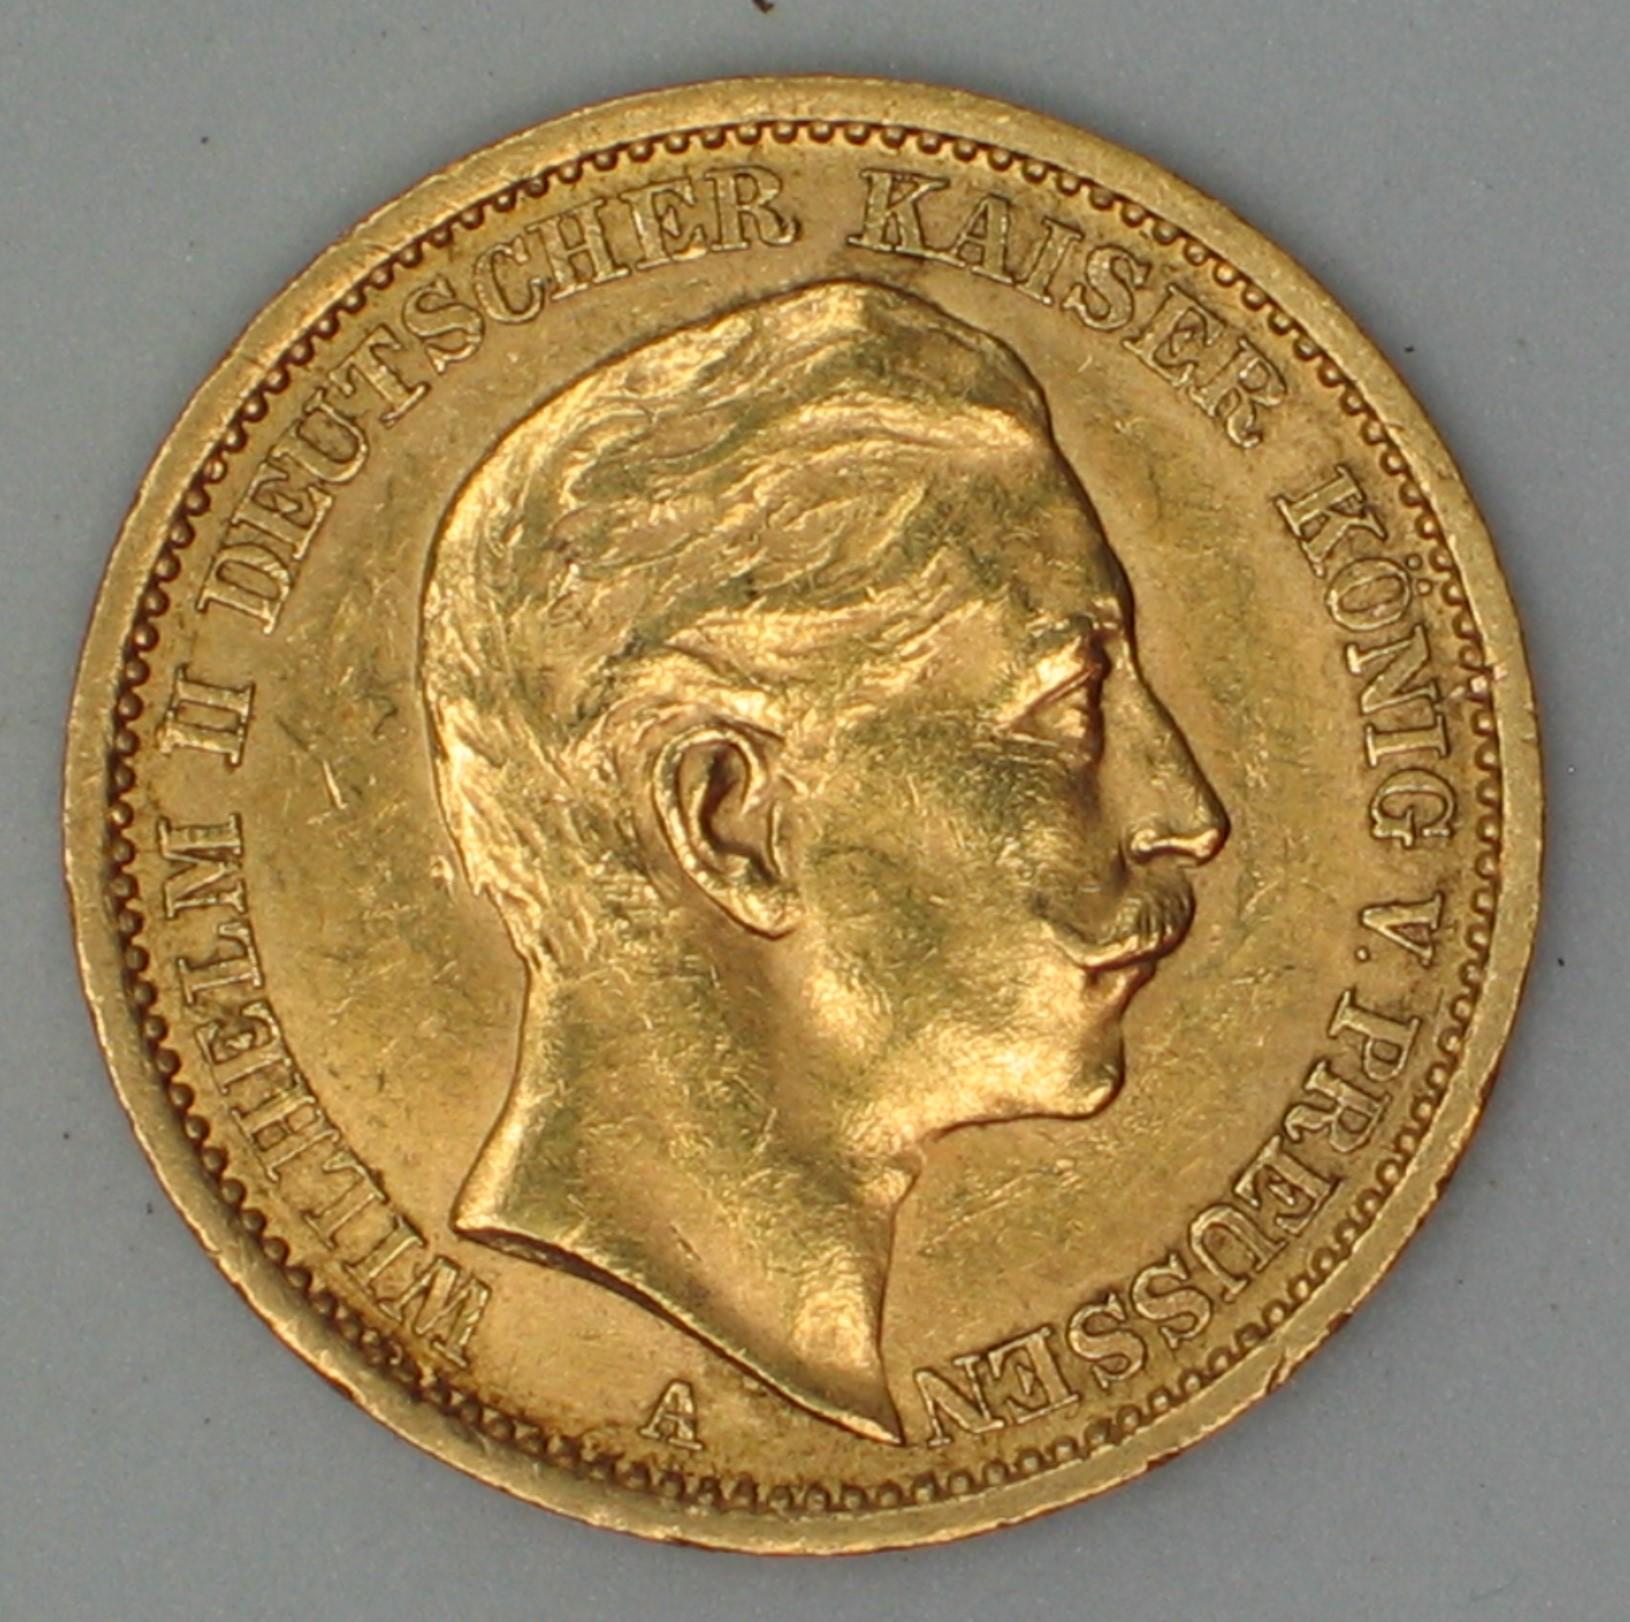 Delgrey Edle Metalle Münzen 20 Markwilhelm Iireichsgold